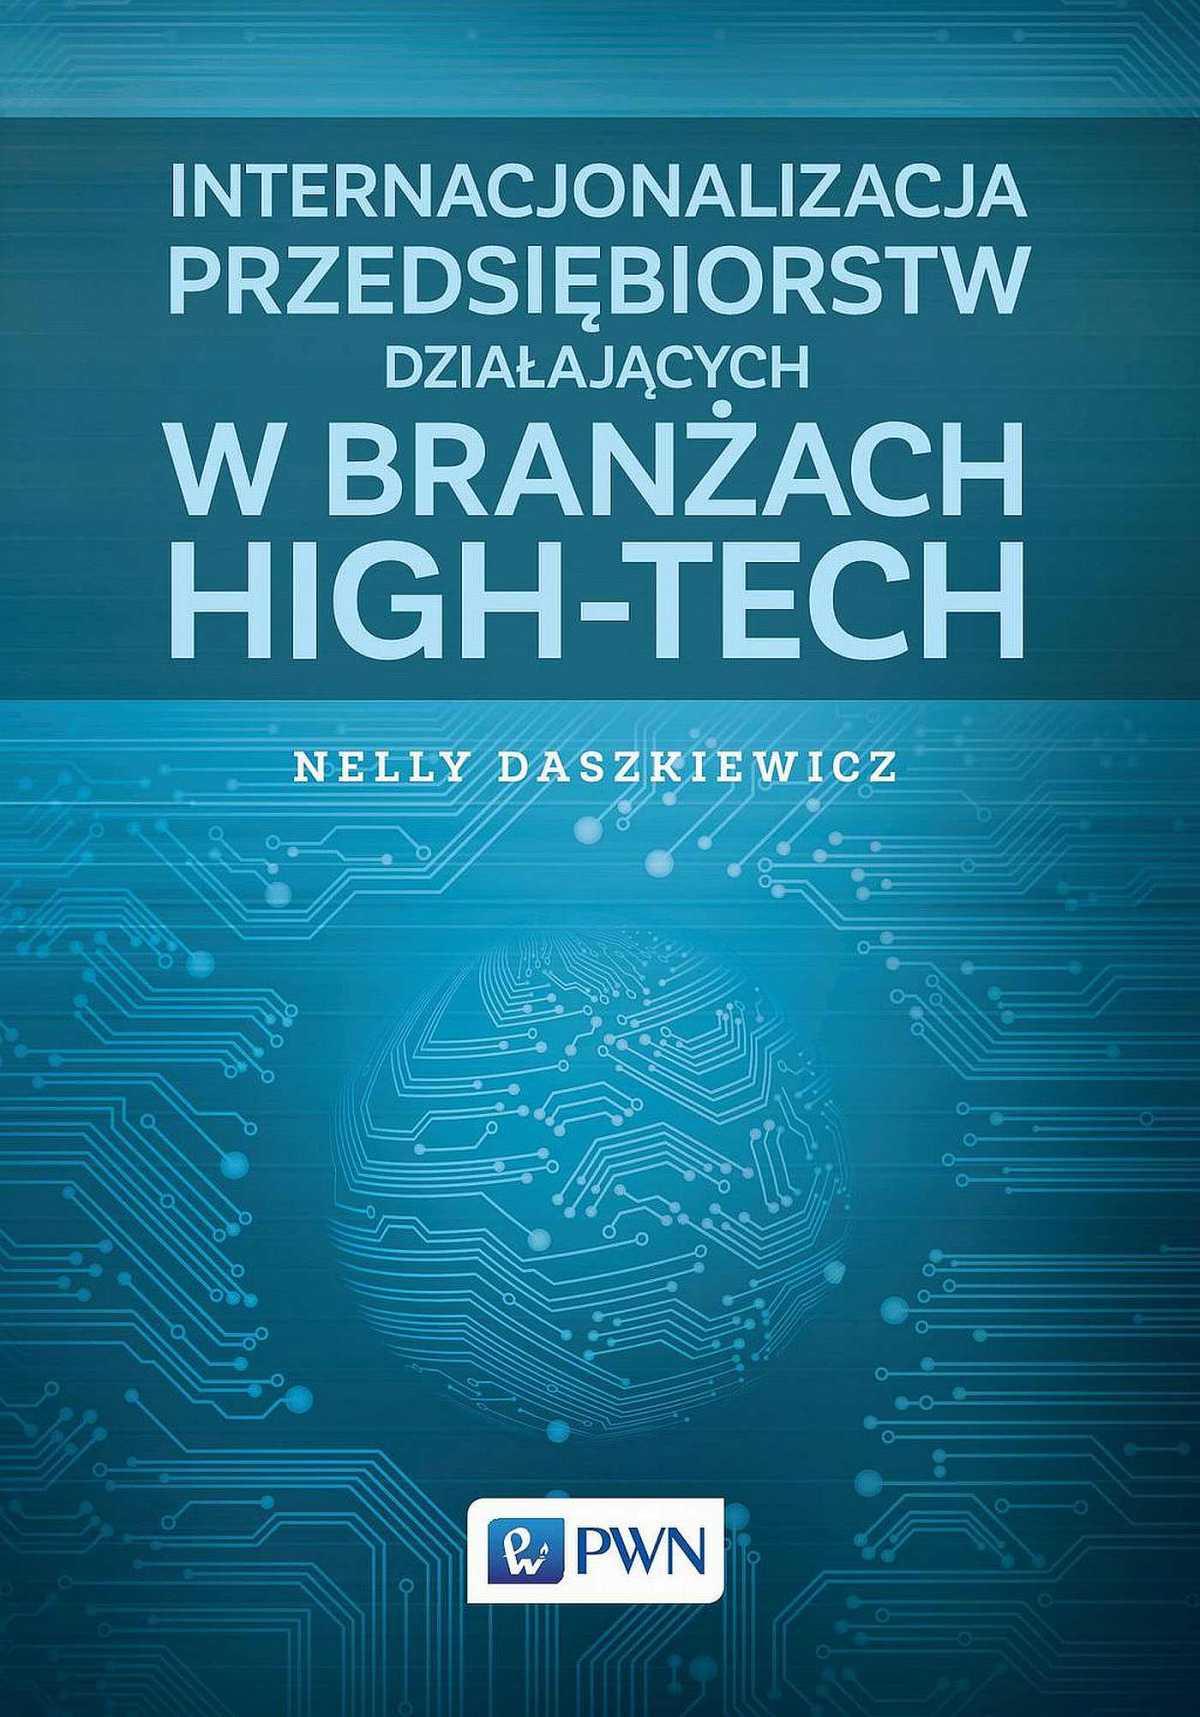 Internacjonalizacja przedsiębiorstw działających w branżach high-tech - Ebook (Książka na Kindle) do pobrania w formacie MOBI